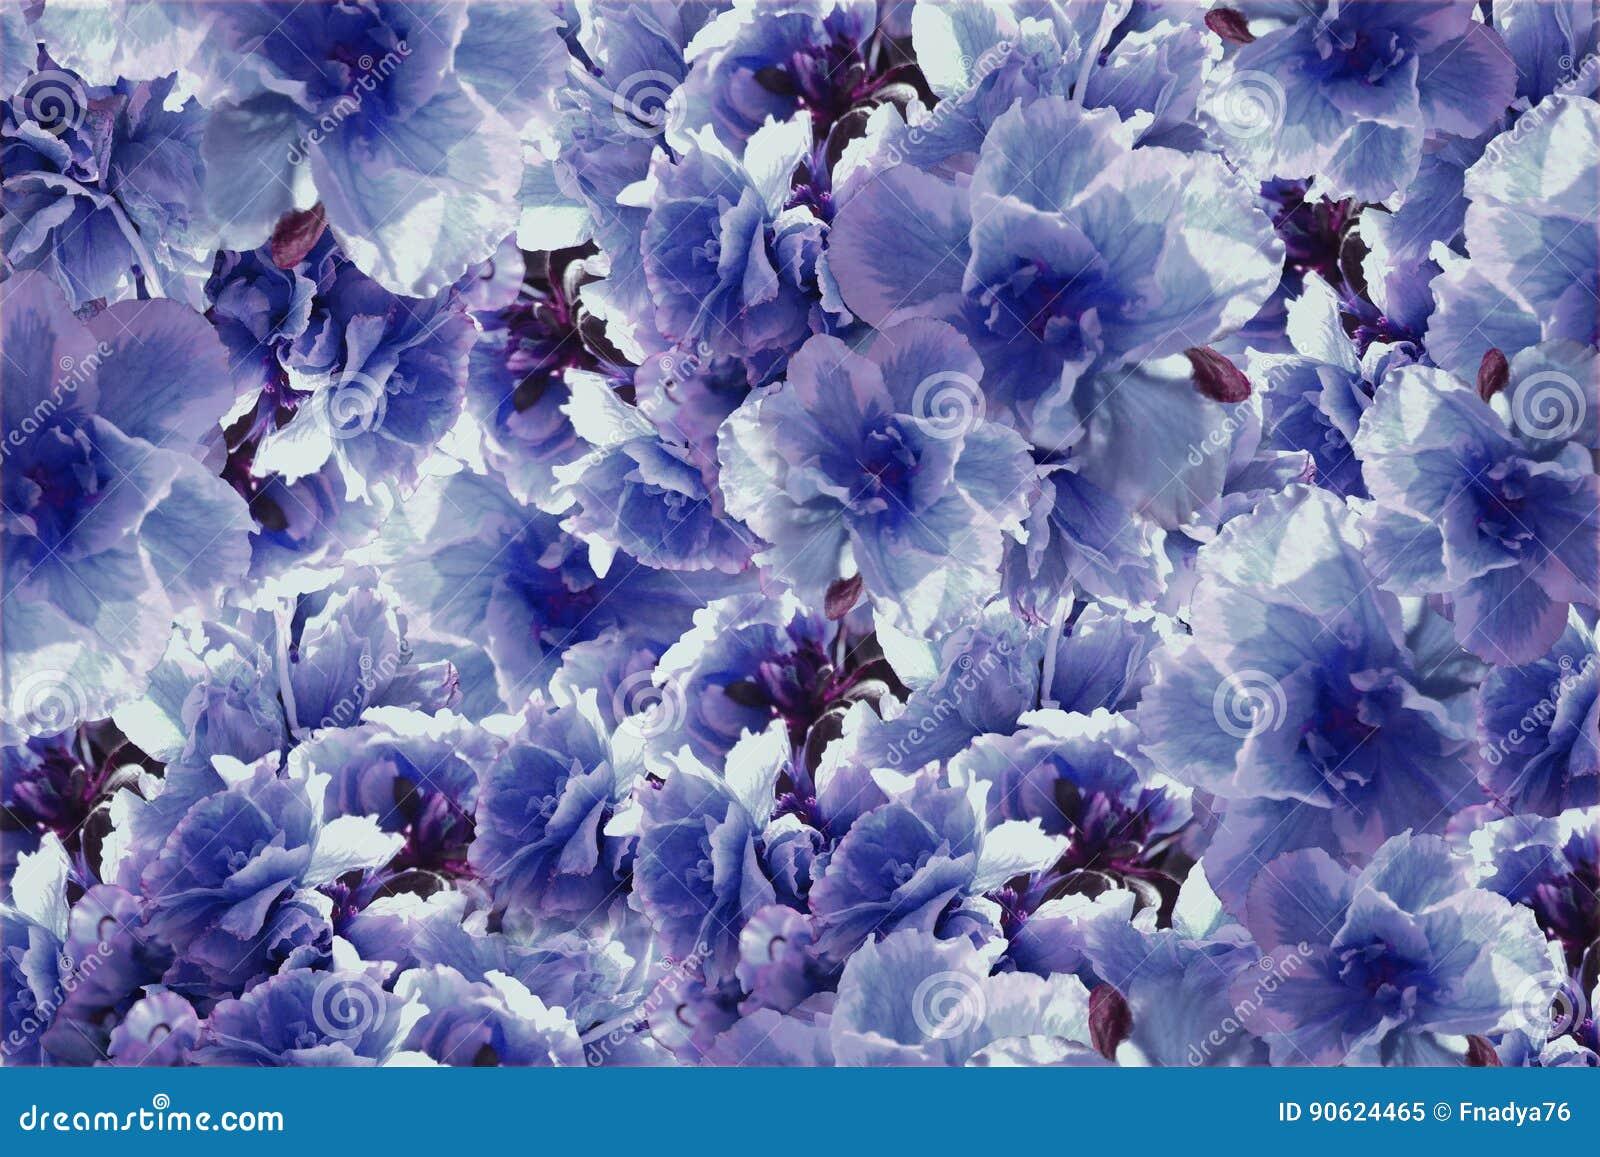 Vintage Roses Violet Blue Flowers Flowers Background Floral